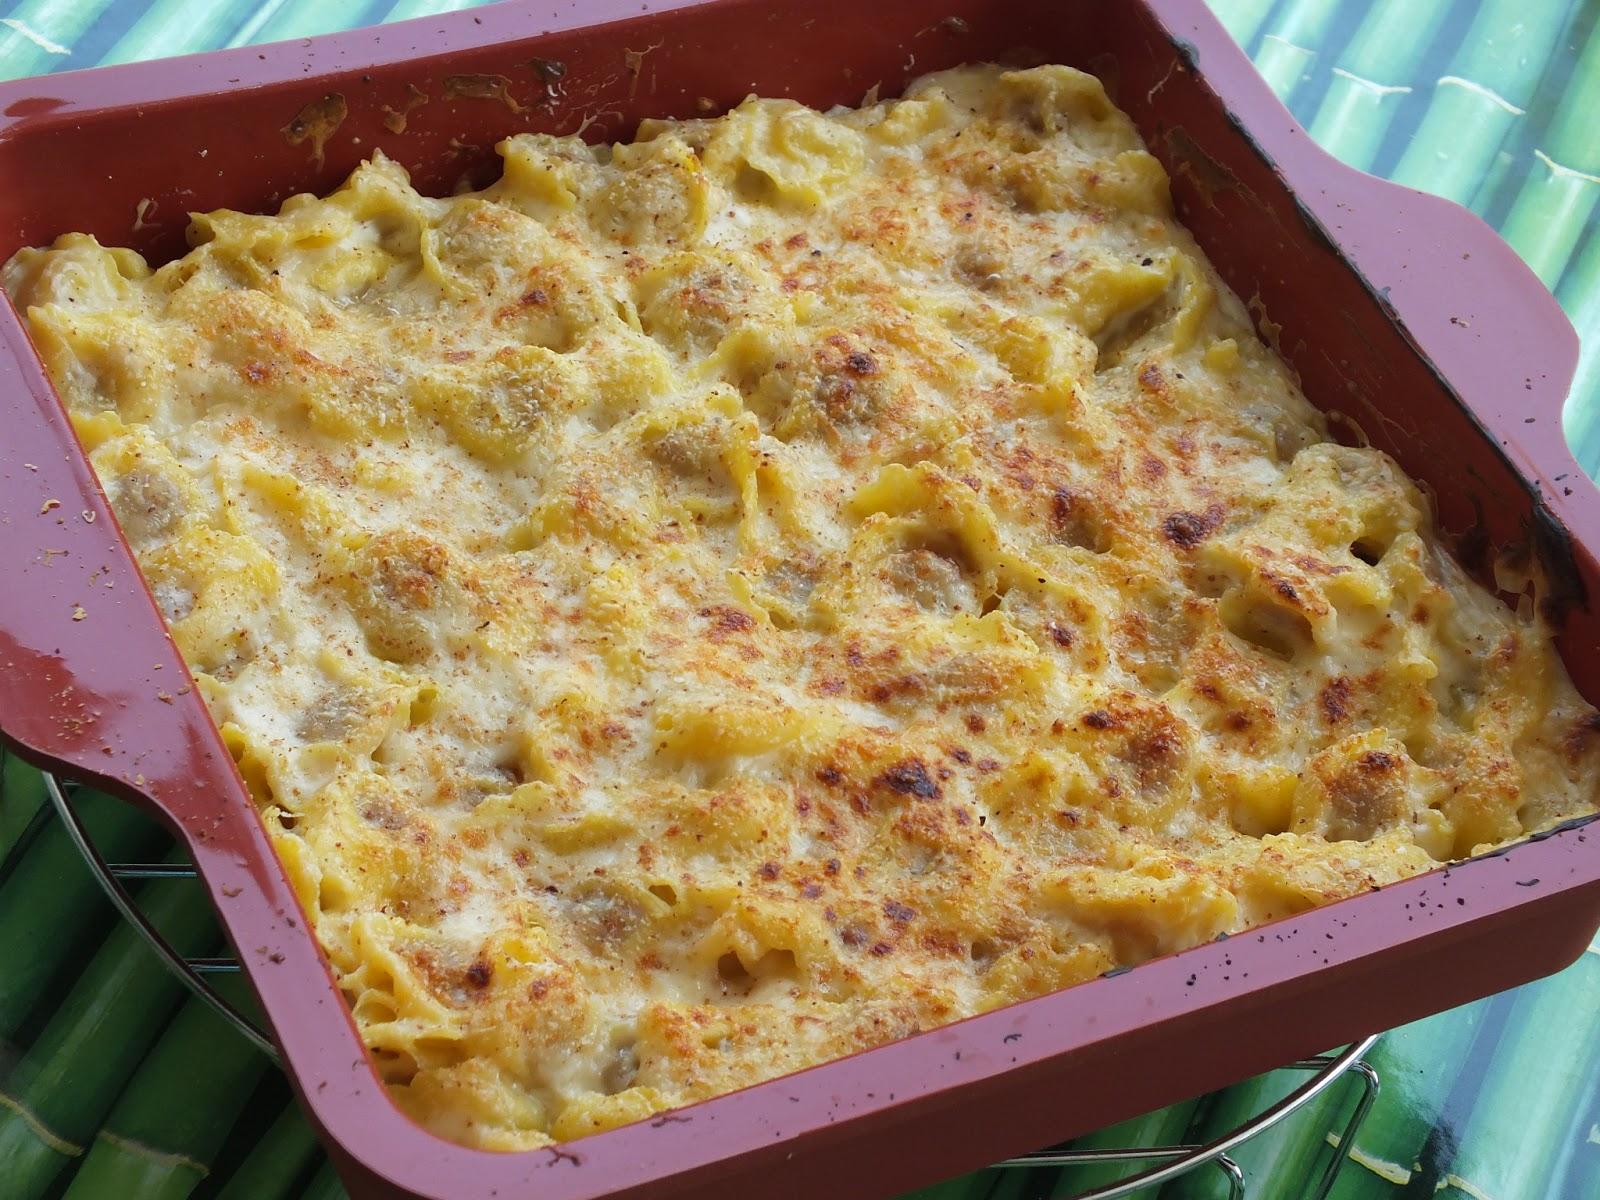 il pasticcio di tortellini preparato come spiegato in questa ricetta